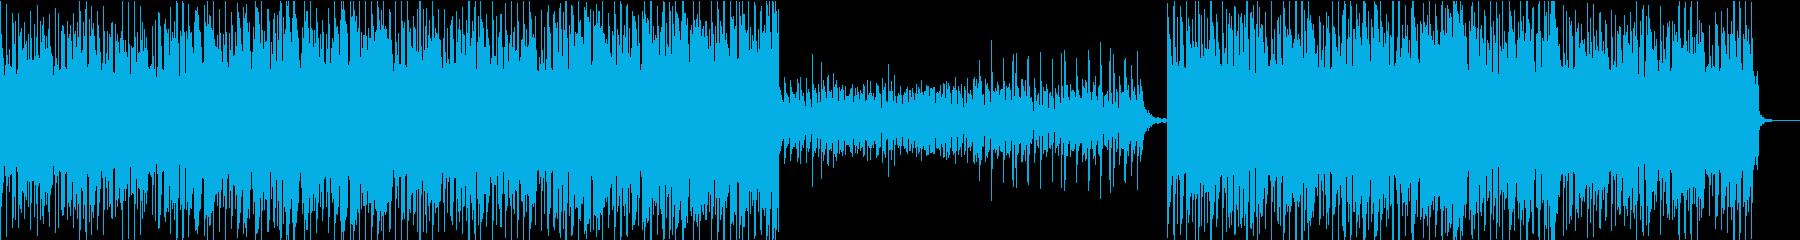 実験的 怠け者 魅惑 レトロ シン...の再生済みの波形